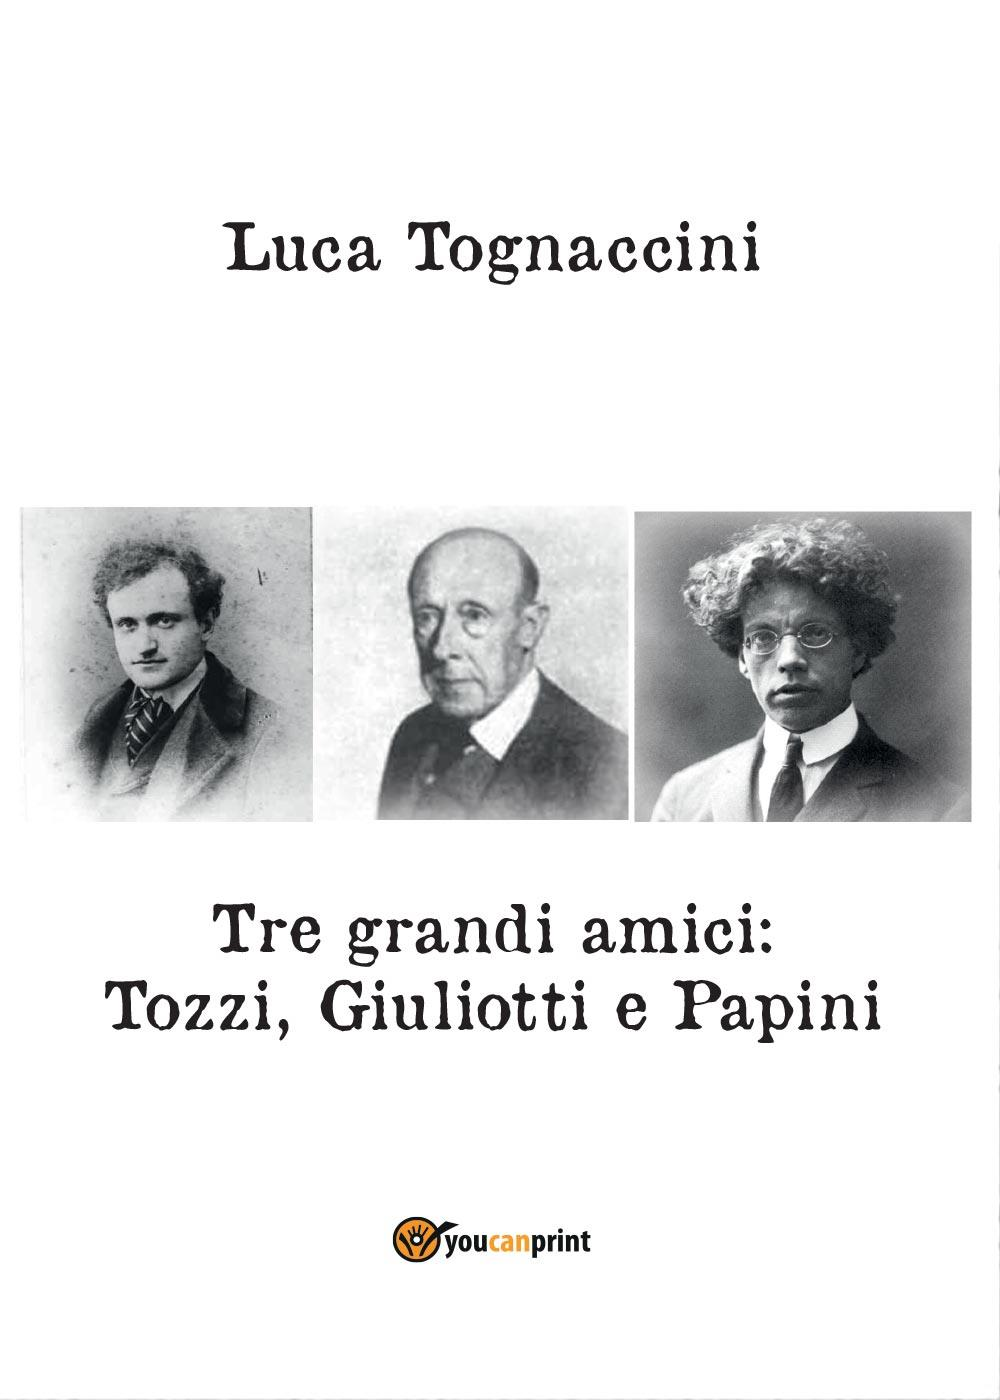 Tre grandi amici: Tozzi, Giuliotti e Papini